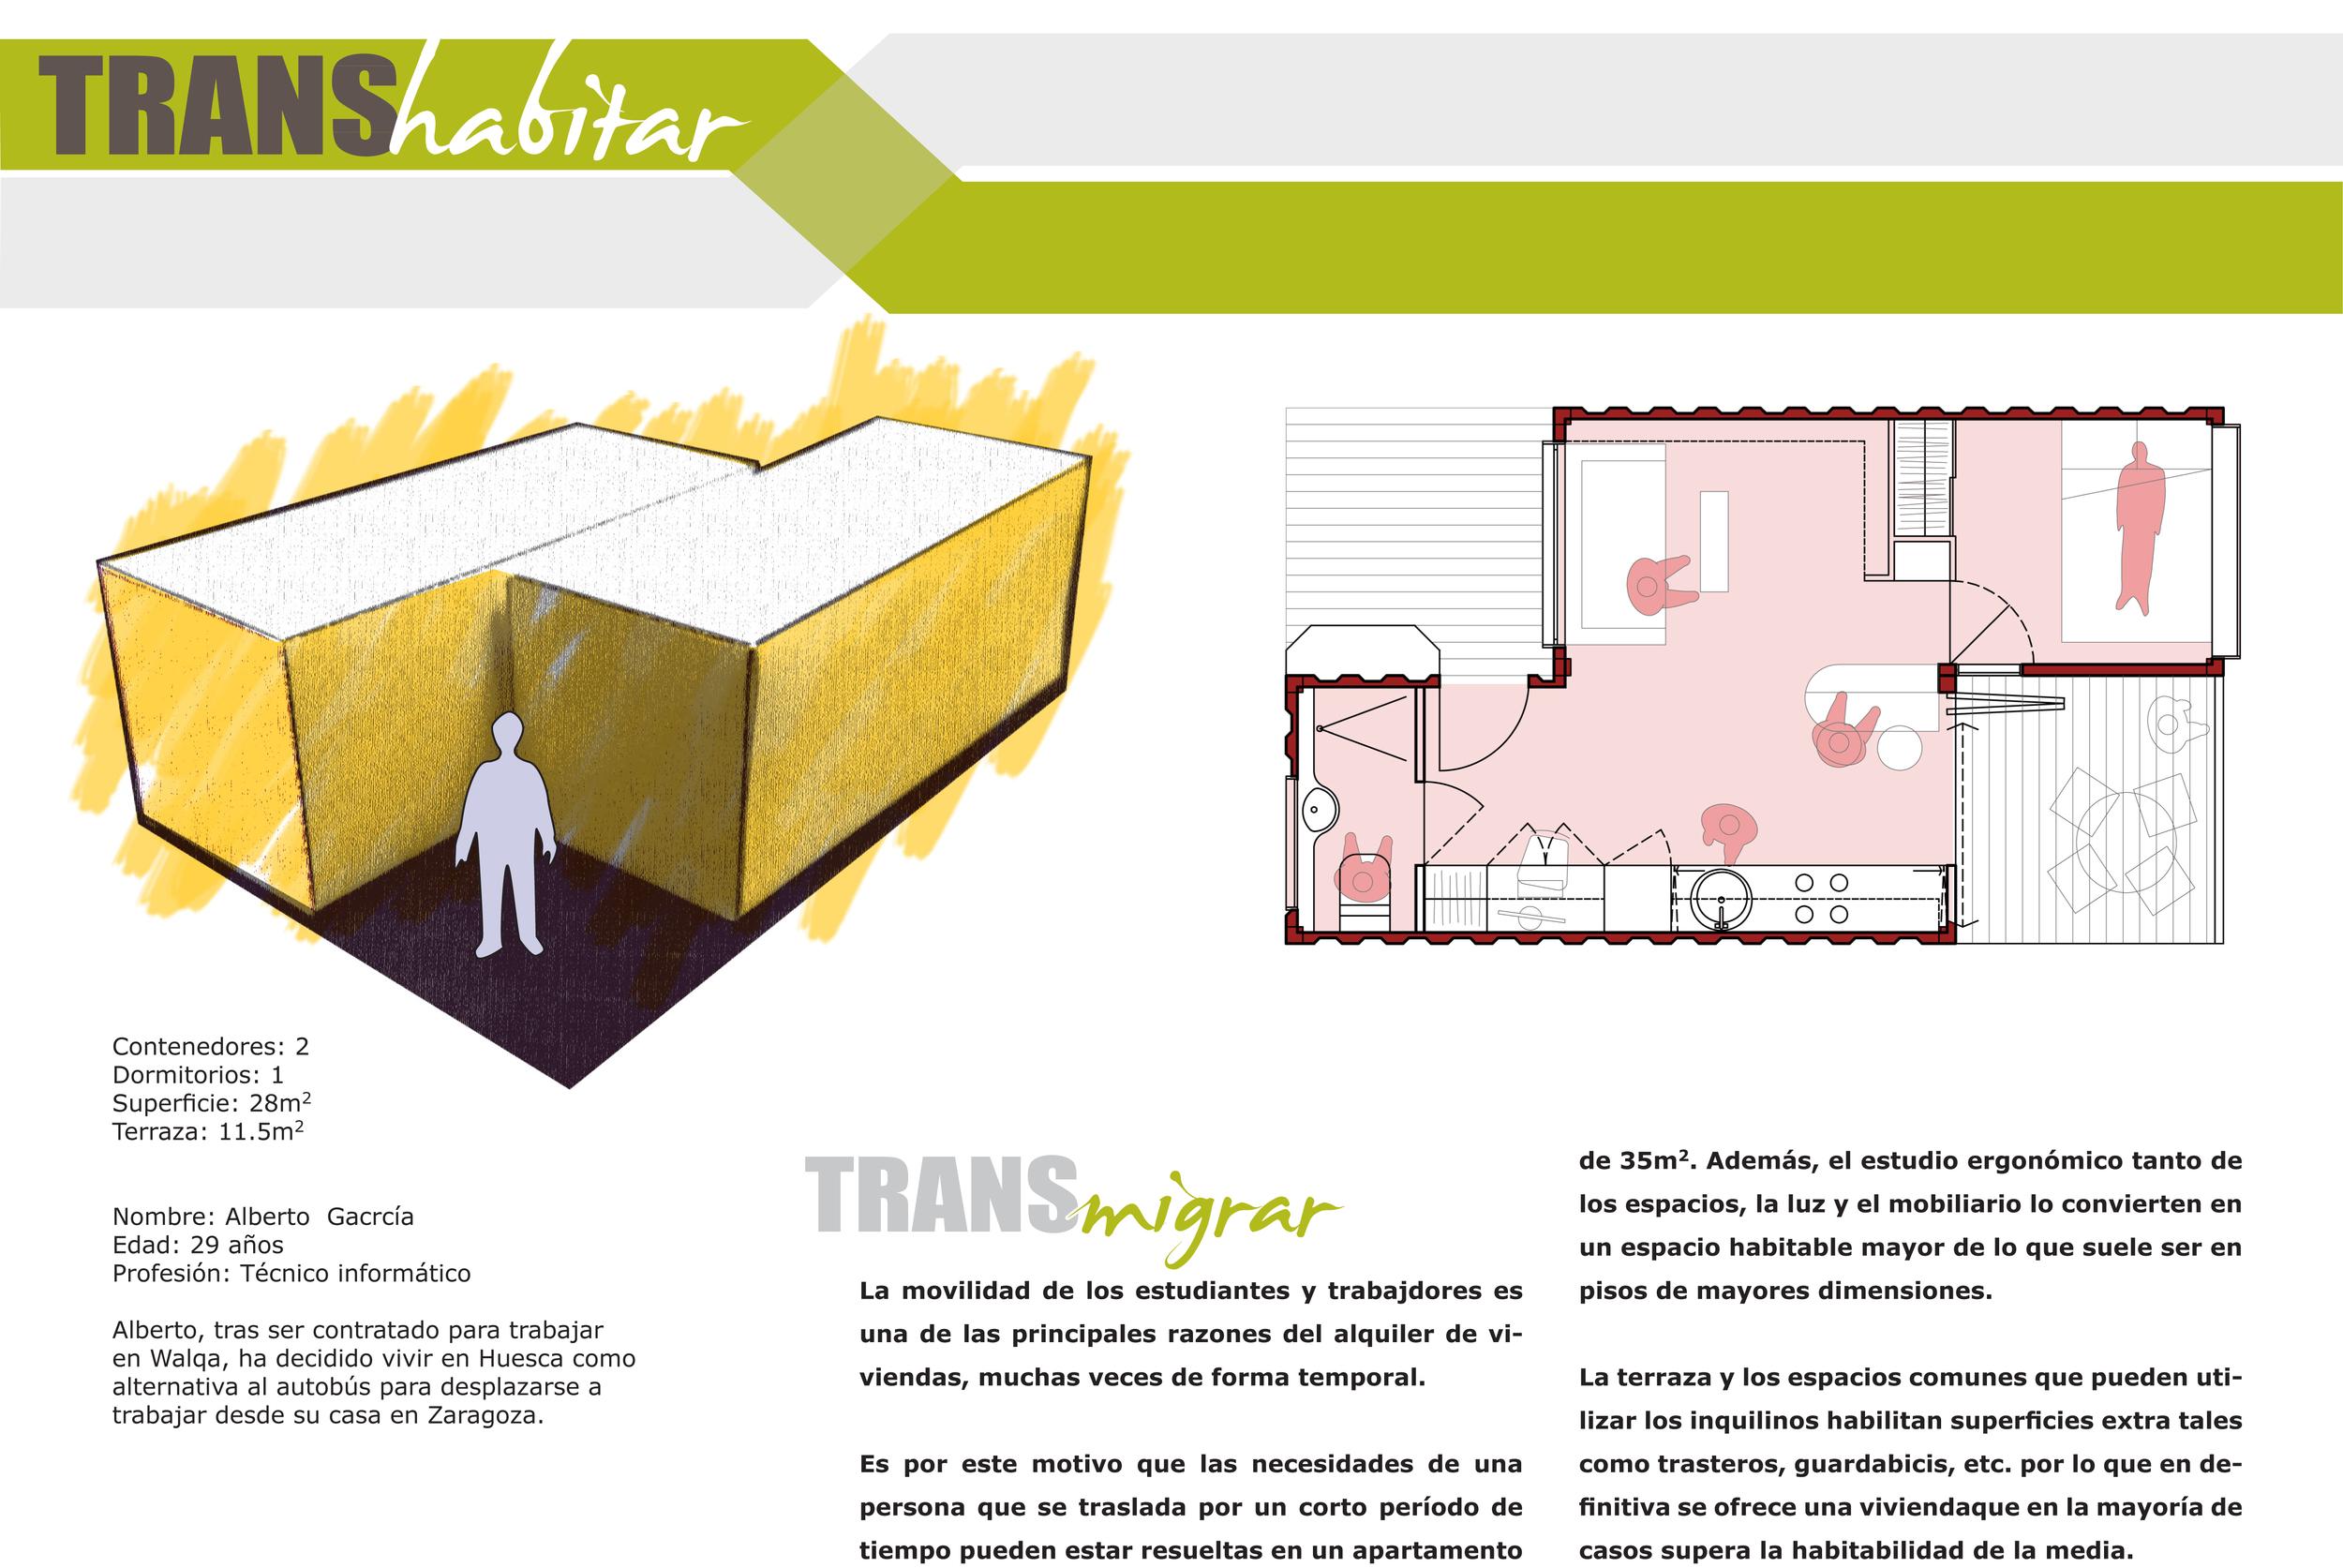 transhabitar presentation-6.jpg